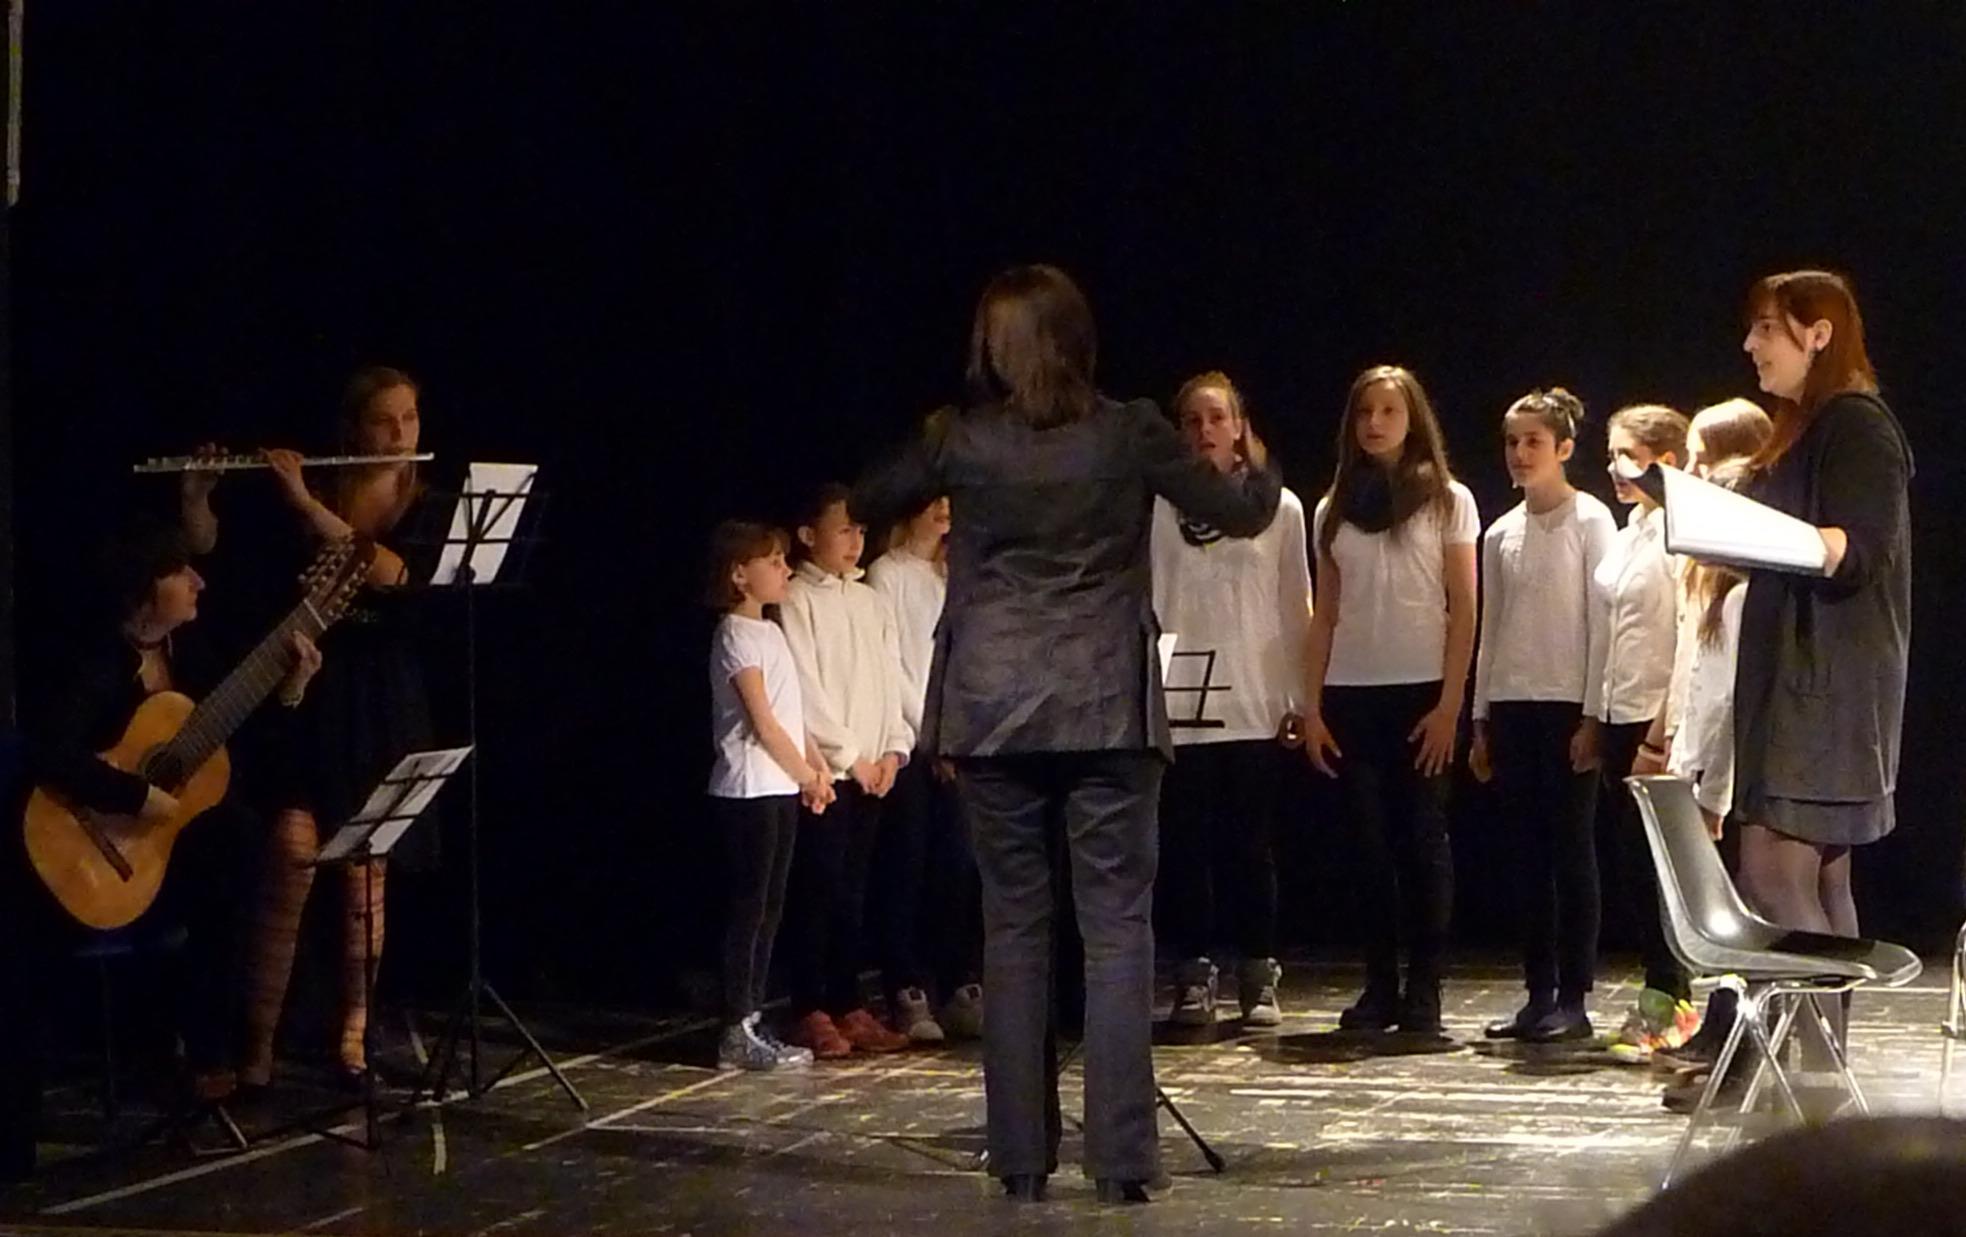 UNA FIABA MUSICALE E UN'ORCHESTRA PER I CONCERTI DI FINE ANNO DEL CENTRO GOITRE